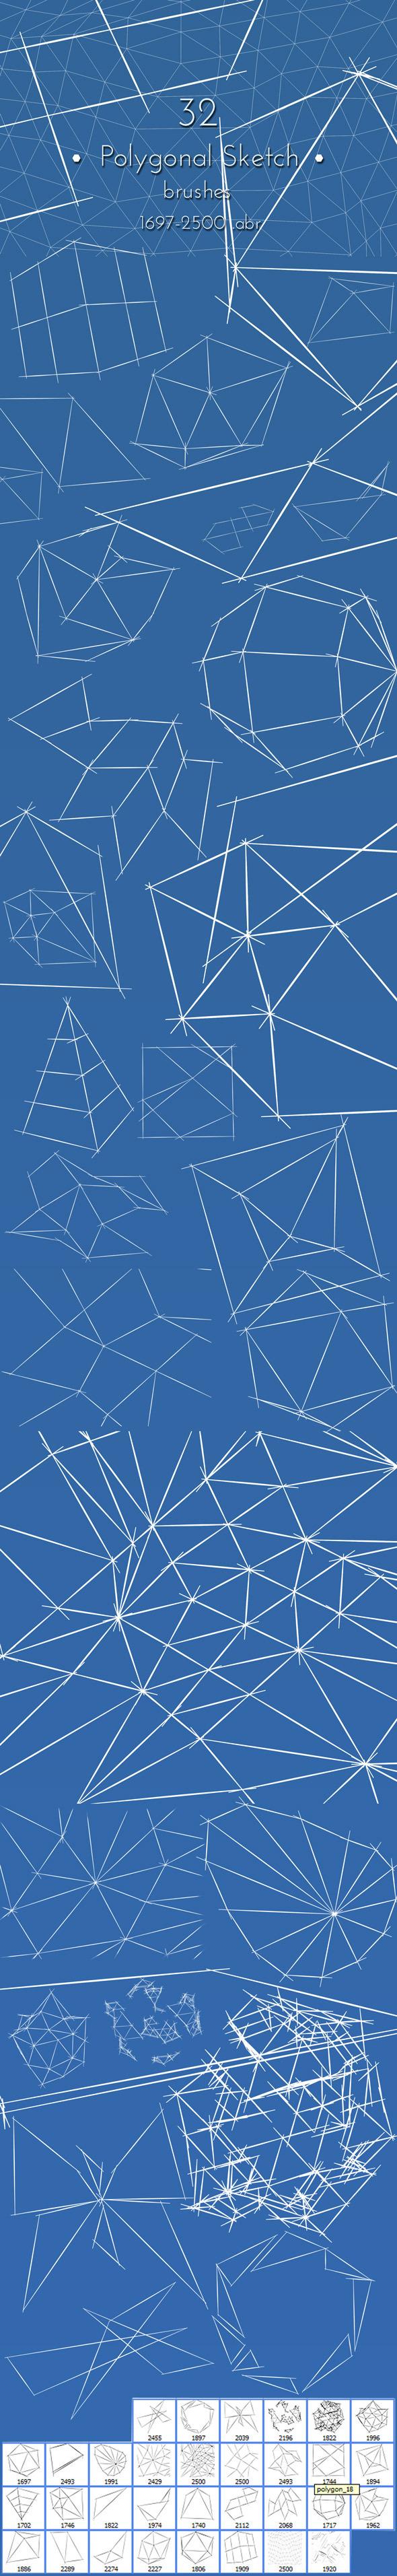 Polygonal Photoshop Brushes - Techno / Futuristic Brushes